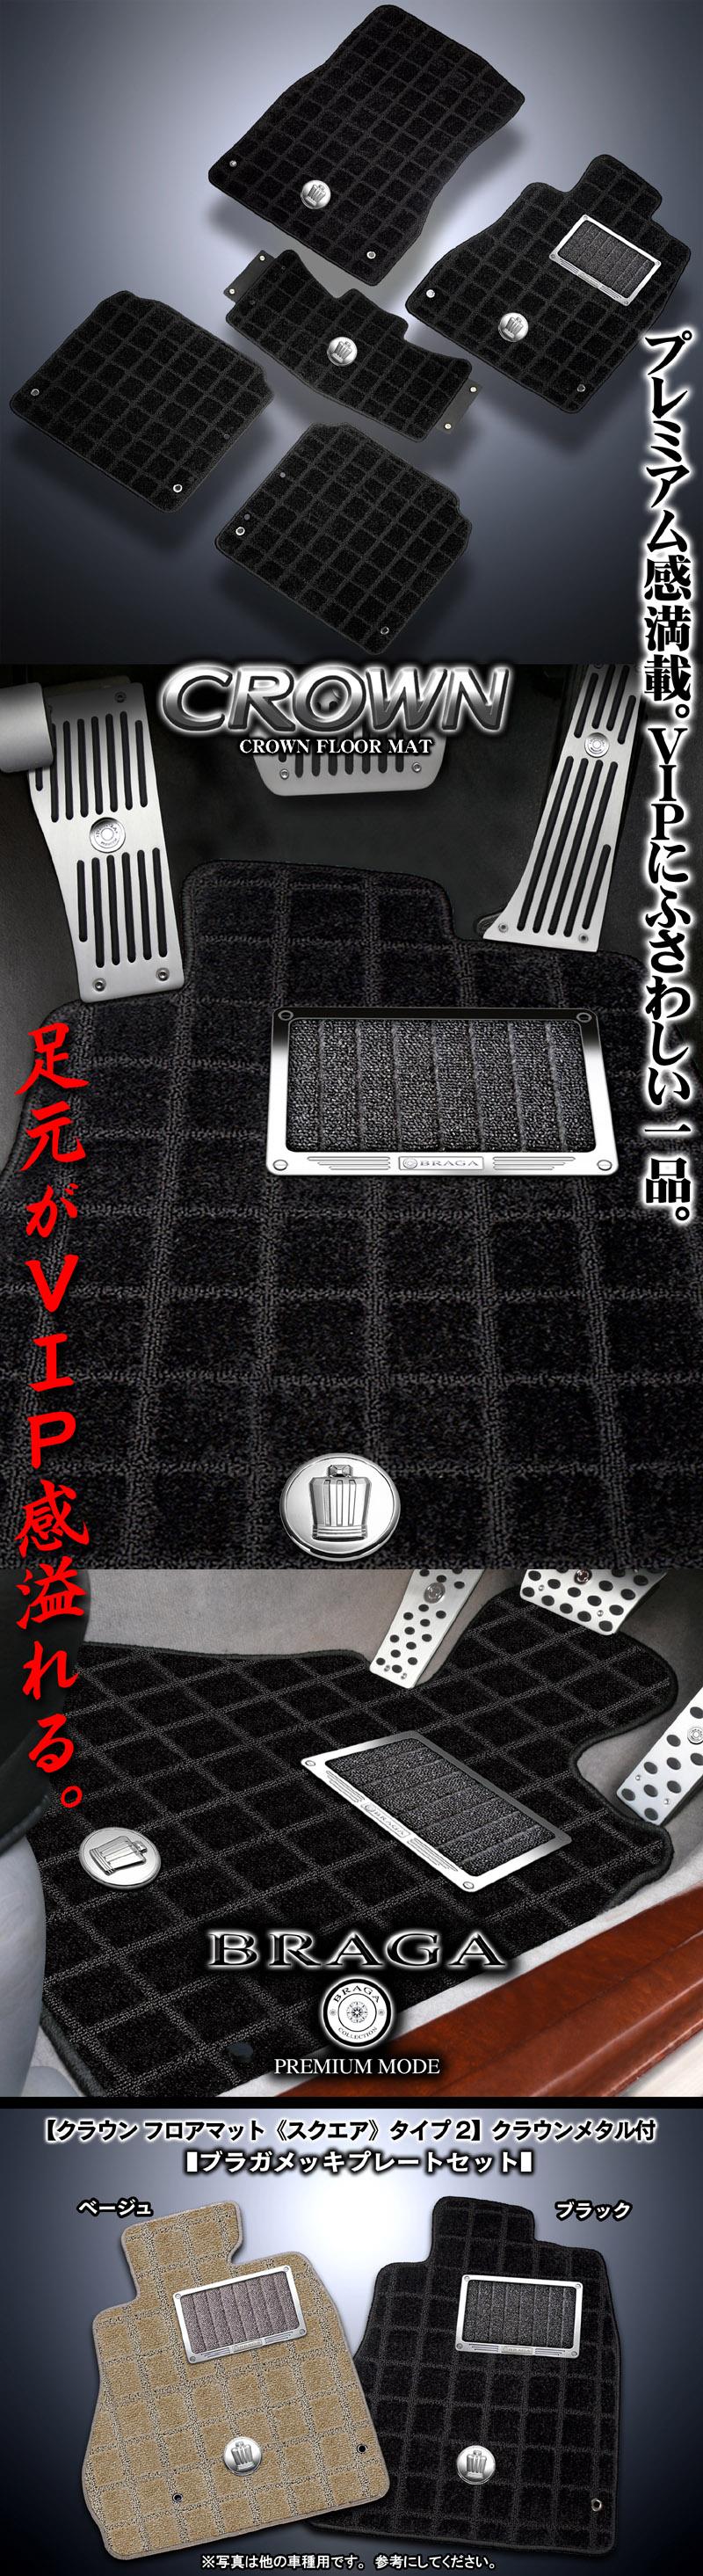 【トヨタ/マジェスタ】スクエア[タイプ2]ブラック《クラウンメタル3個+メッキプレート付》フロアマット5点セット